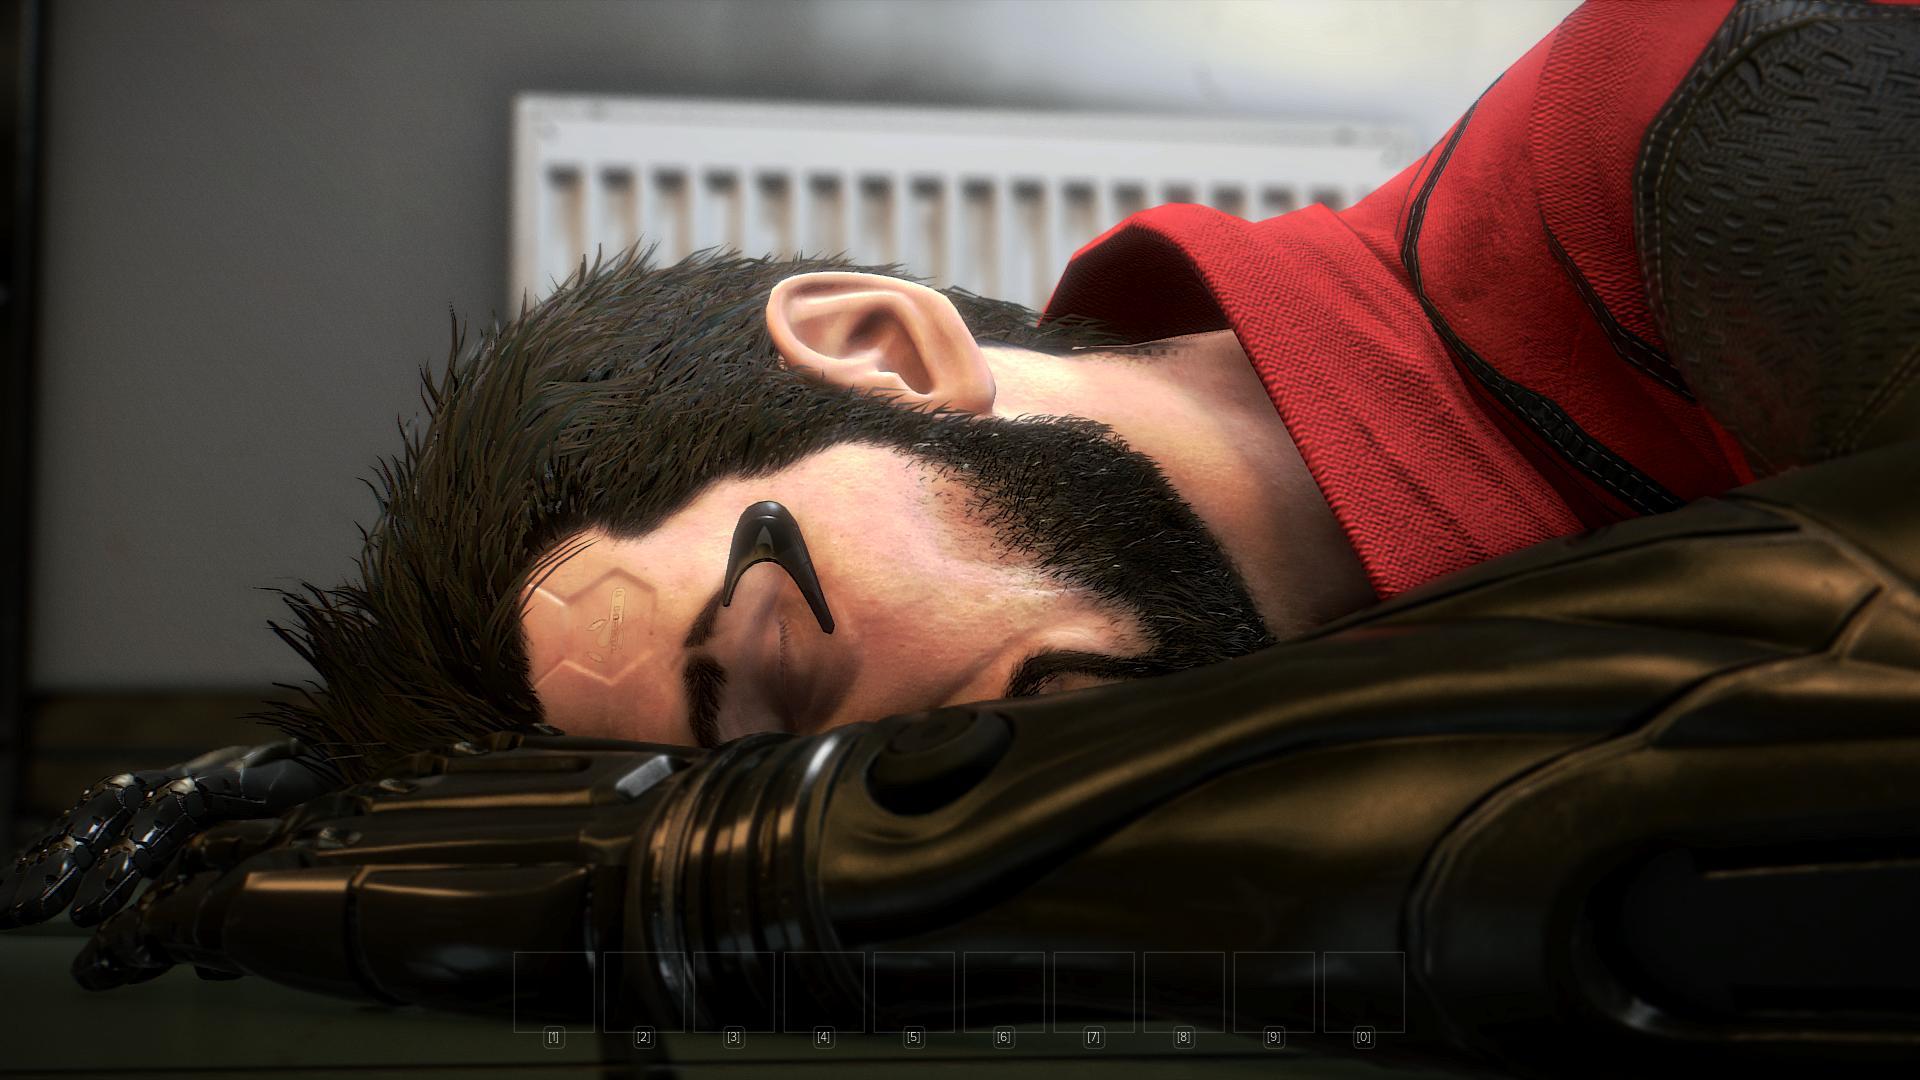 000341.Jpg - Deus Ex: Mankind Divided